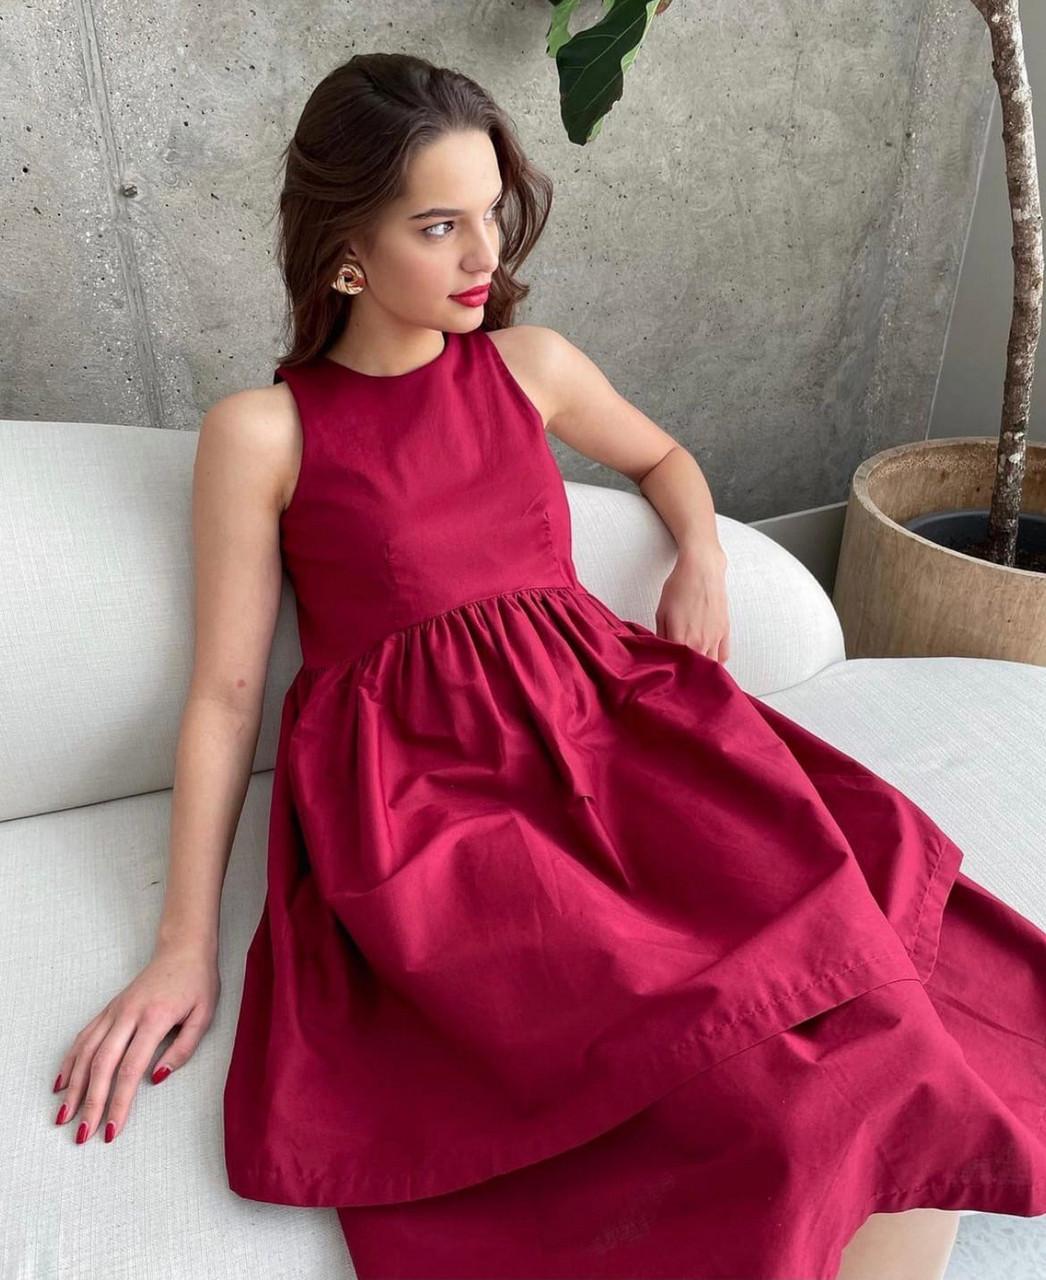 Жіночне плаття без рукавів з подвійною спідницею, 00795 (Бордовий), Розмір 44 (M)